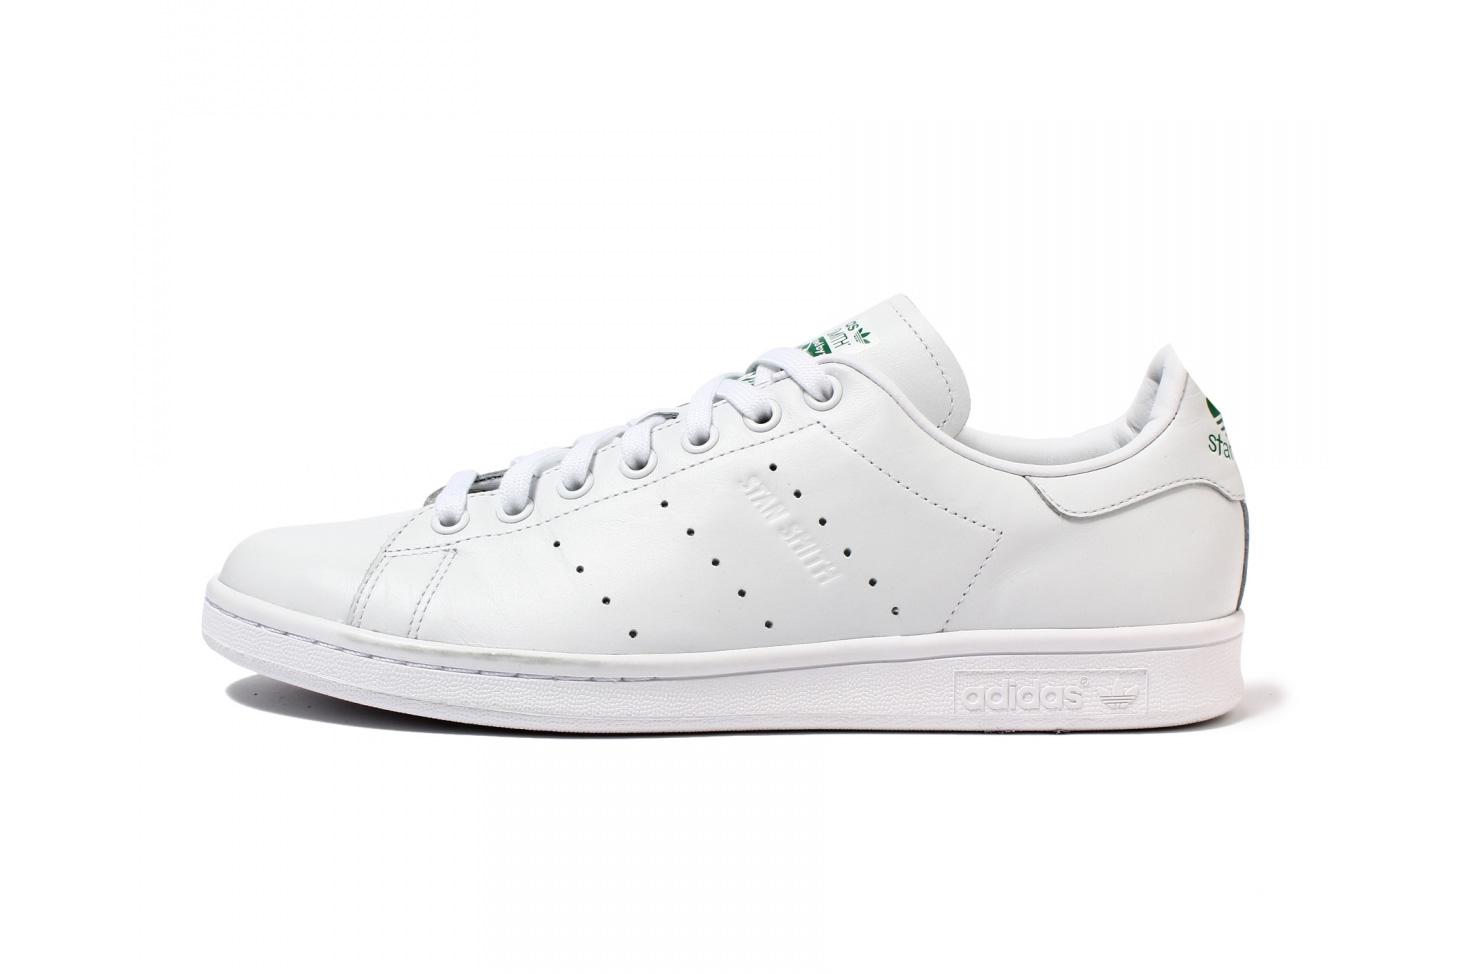 Adidas Originals BEAMS Limited Edition Stan Smith Sneaker